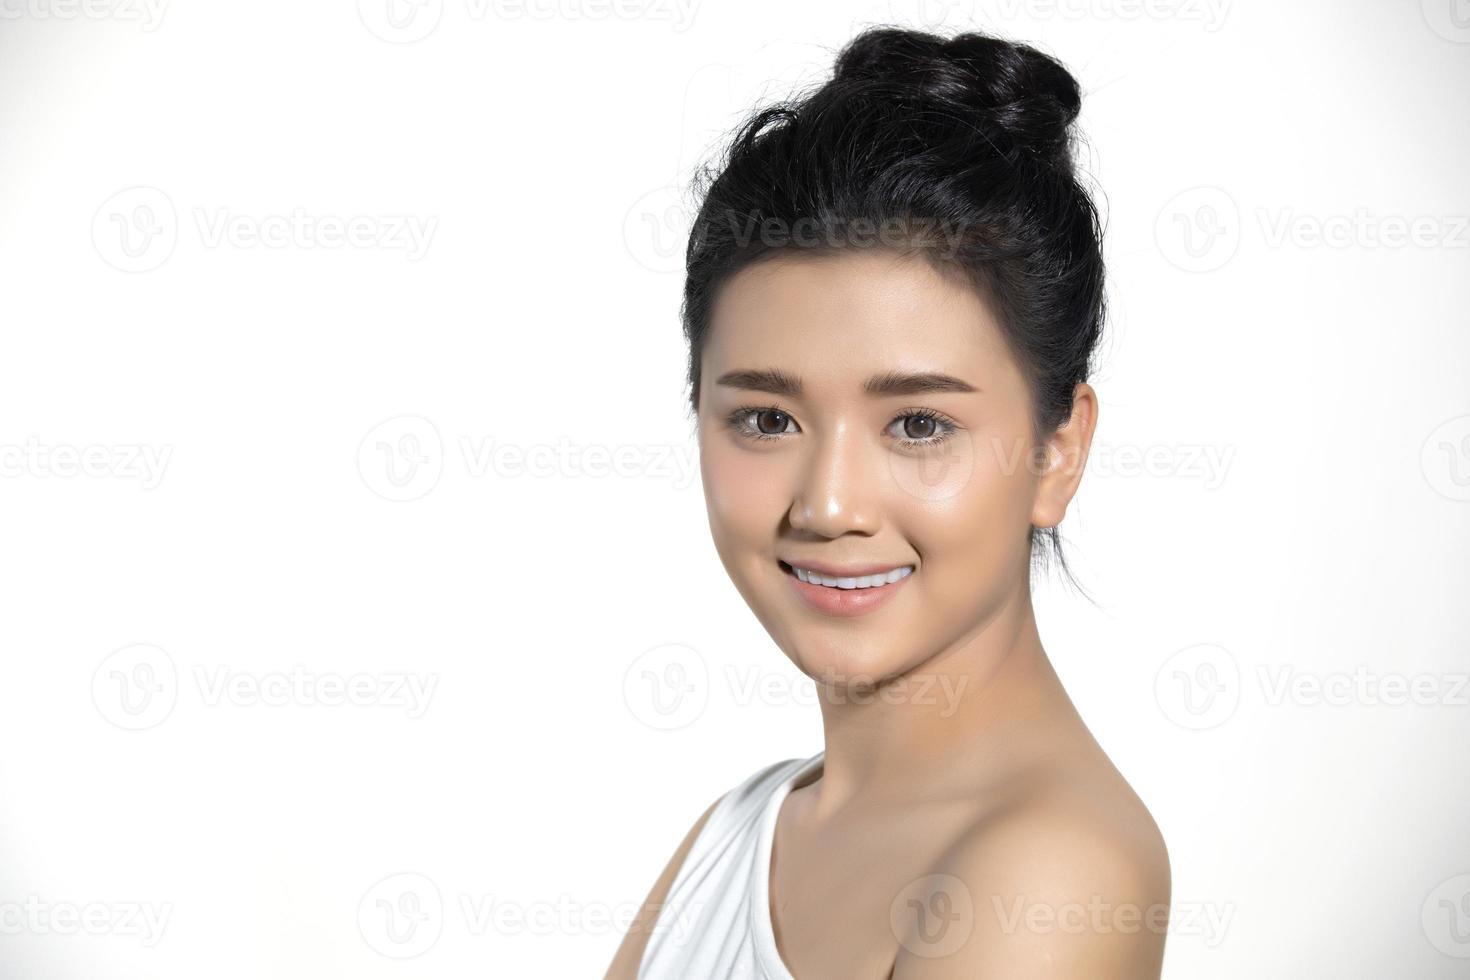 mulheres asiáticas de beleza moda retrato de pele perfeita e jovem sorridente em fundo branco. foto